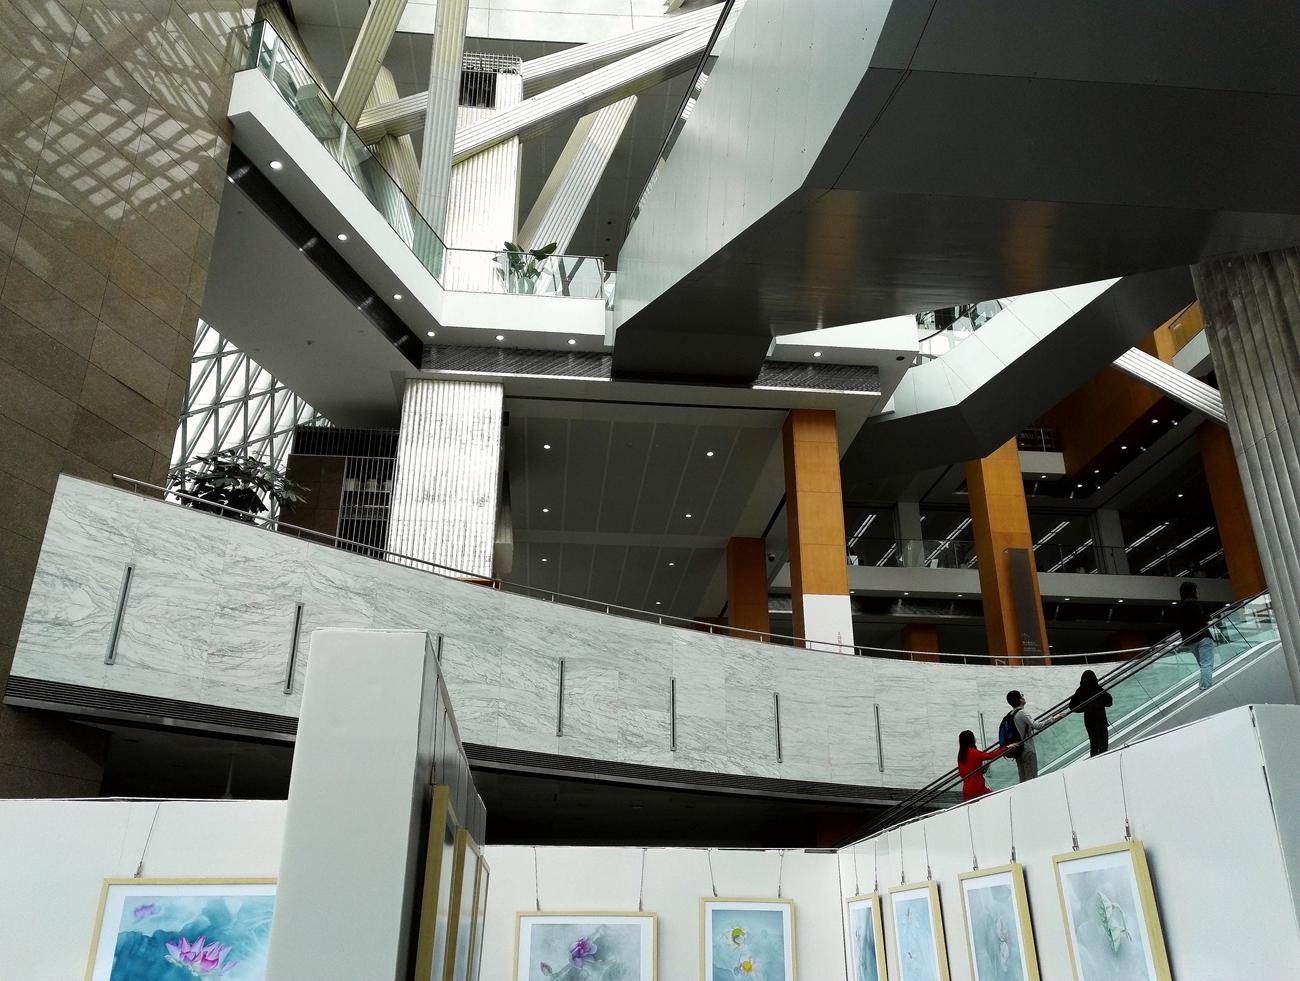 深圳图书馆空间20181225_432.jpg